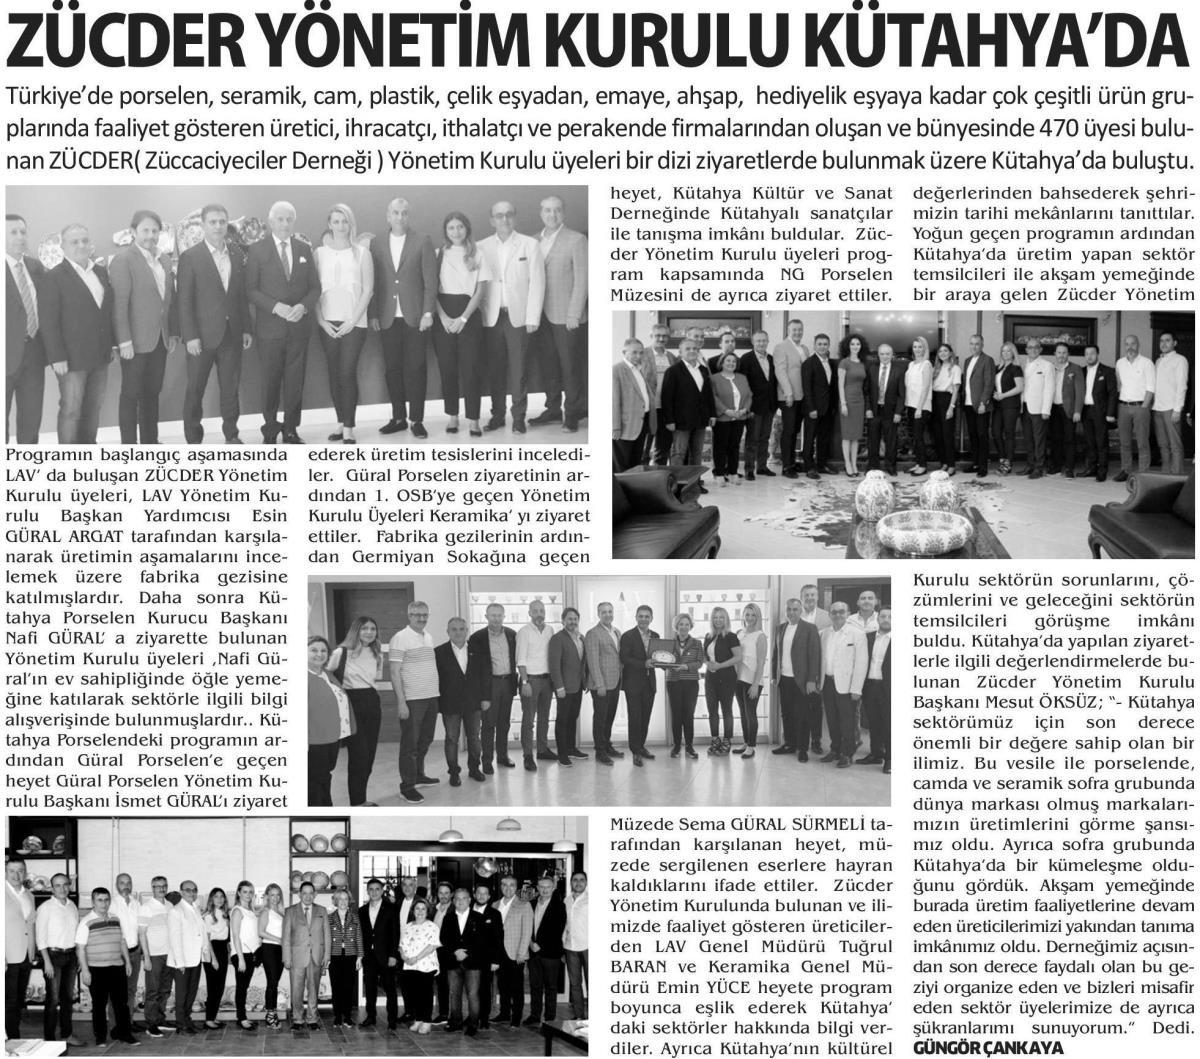 Zücder Yeni Kütahya 25.06.2019